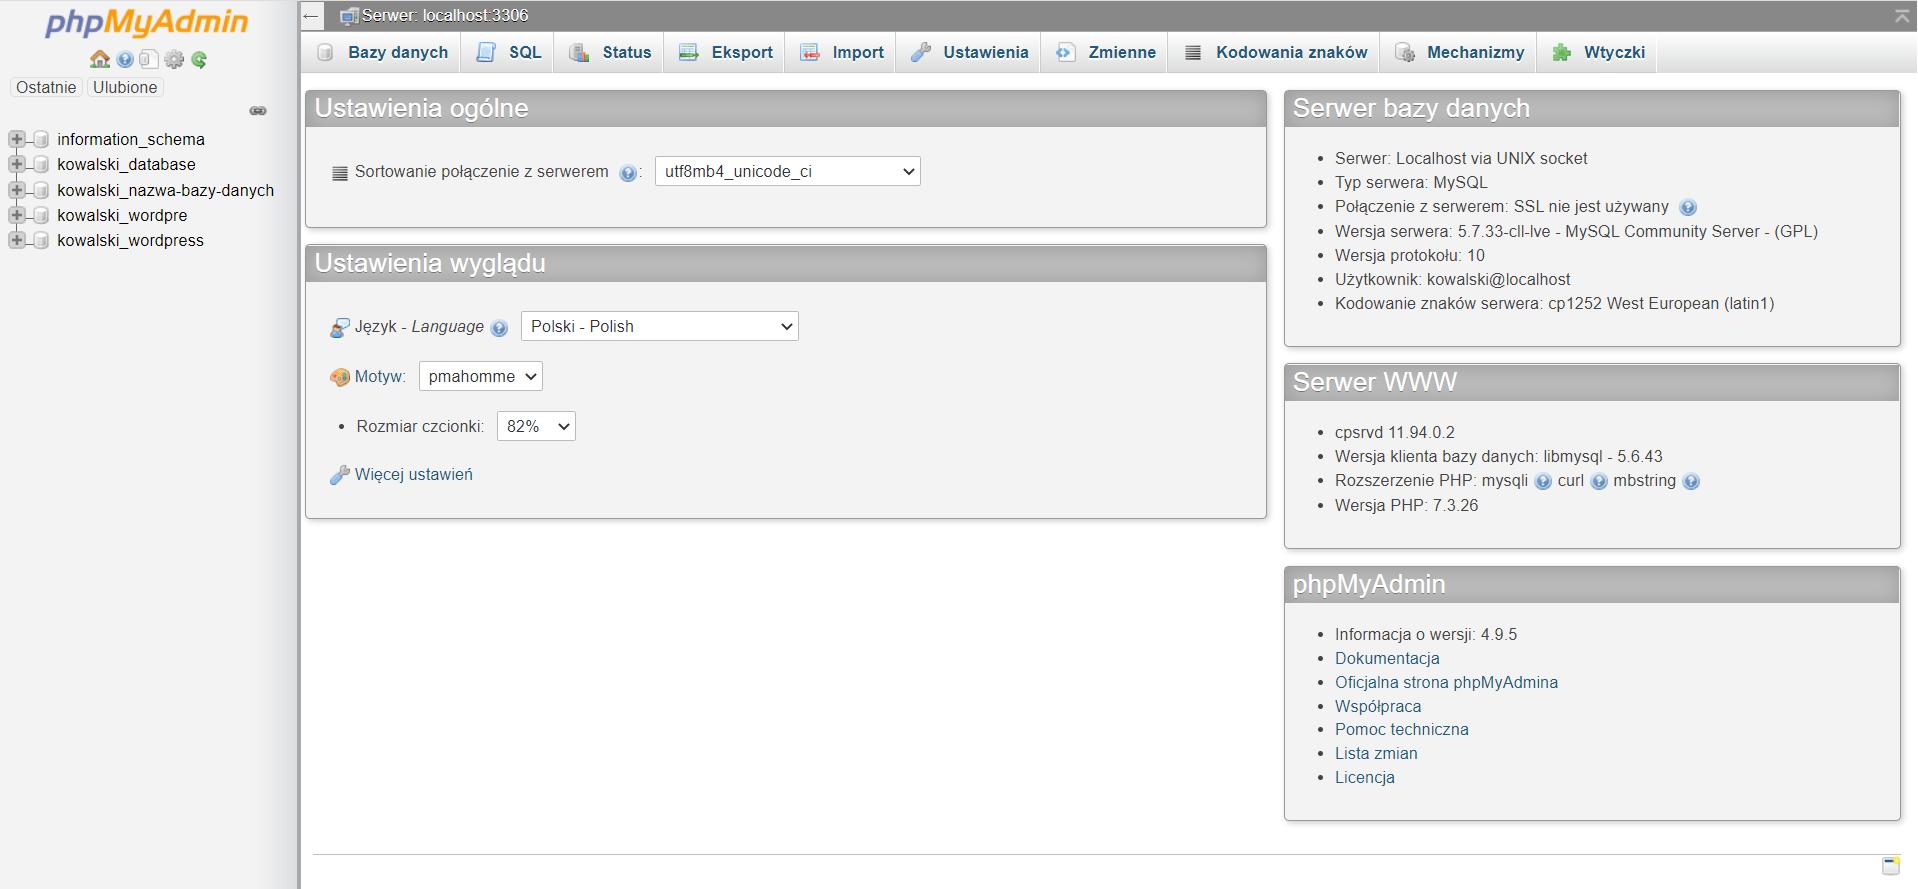 Ekran główny po zalogowaniu do phpMyAdmin